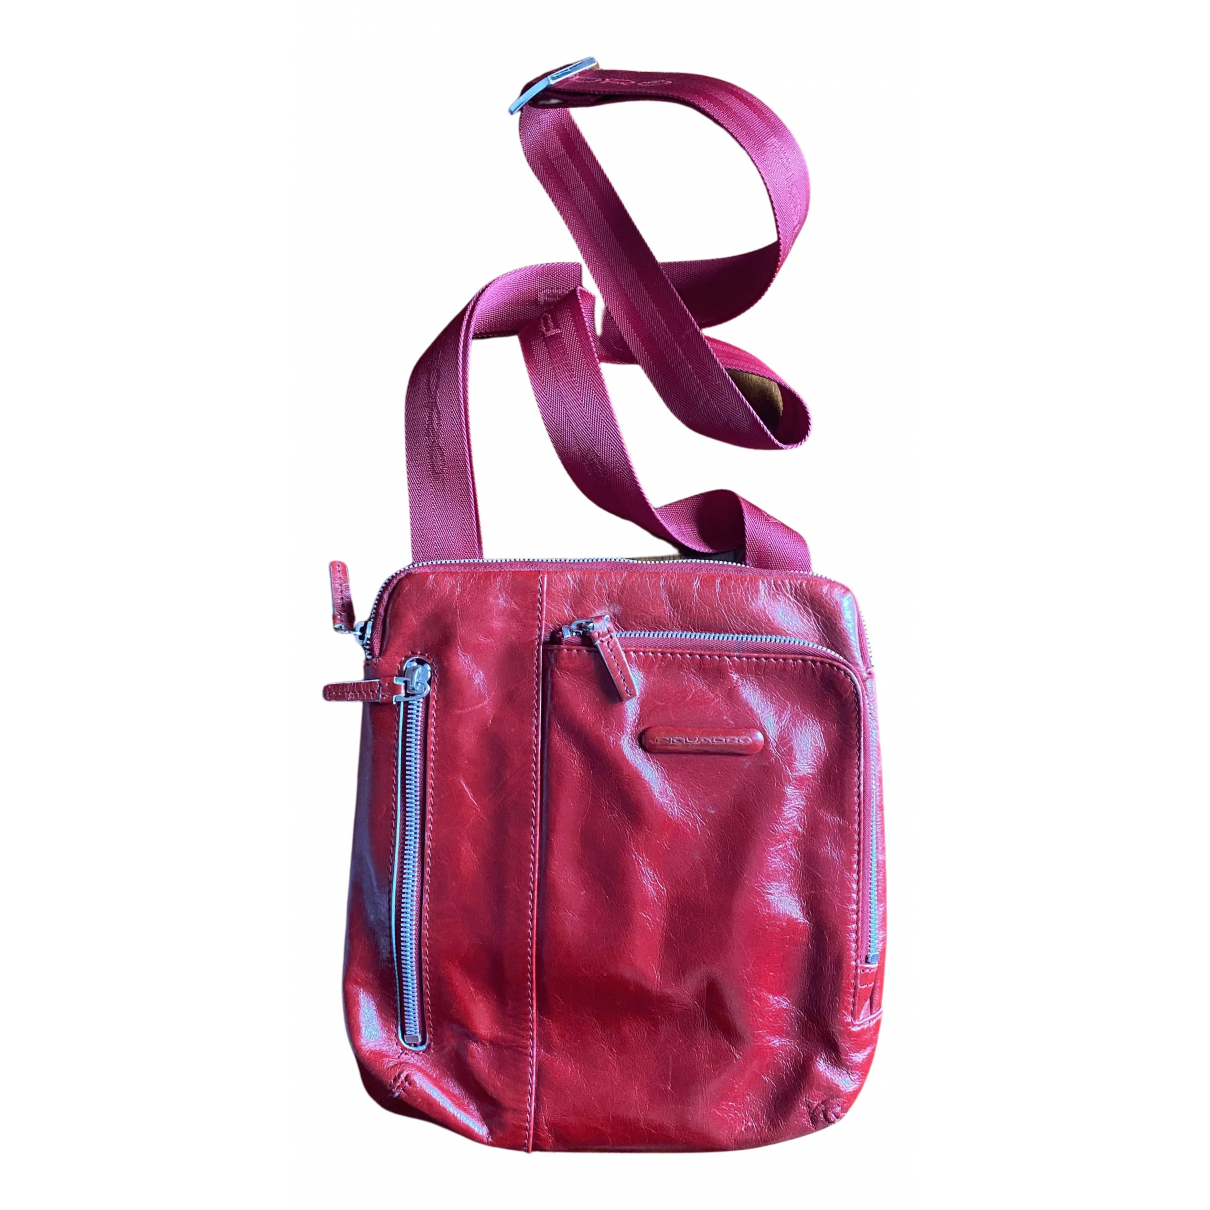 Piquadro \N Handtasche in  Rot Leder